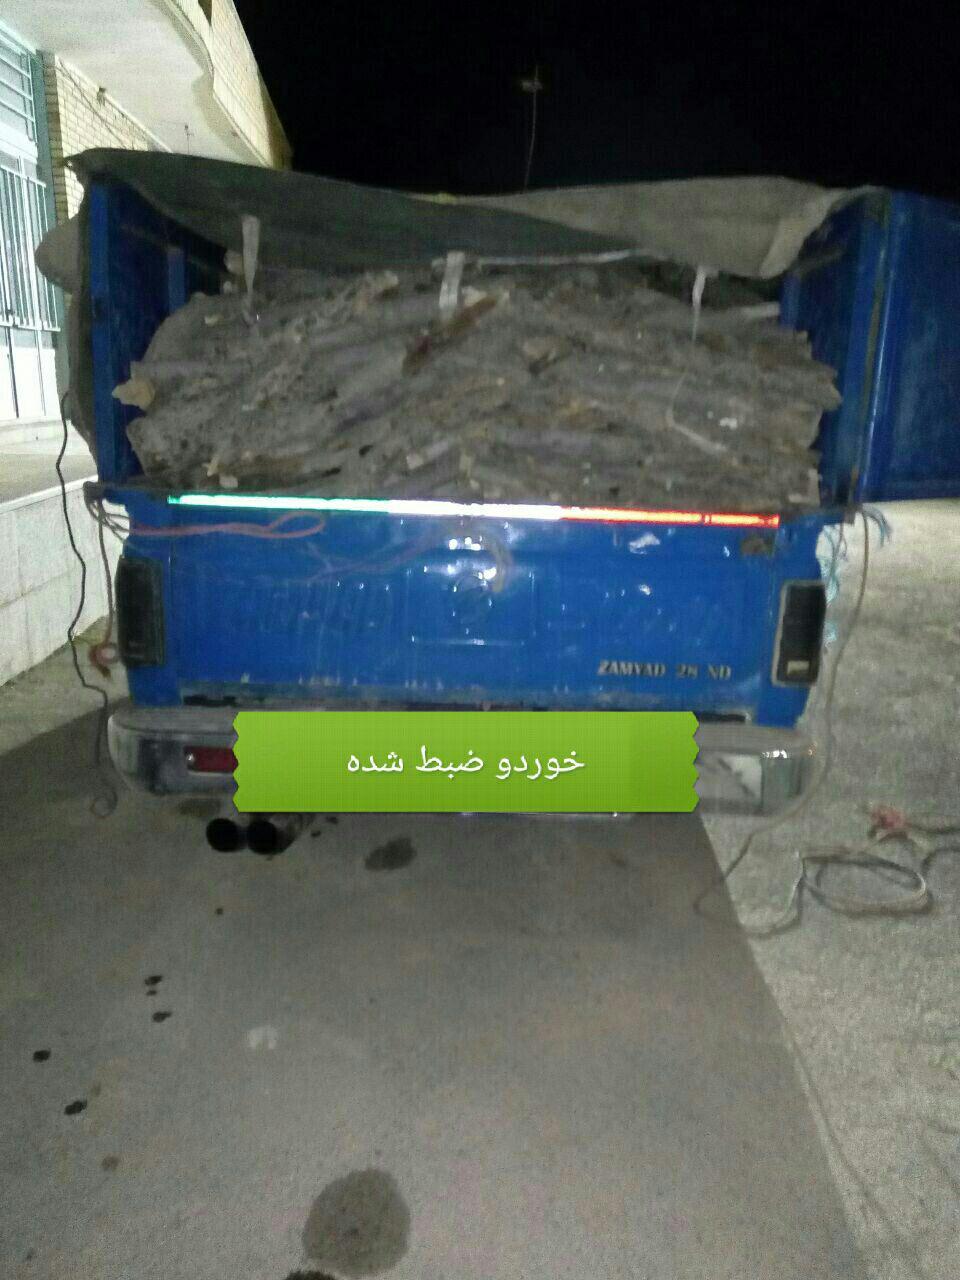 دستگيري سه متخلف قاچاق چوب در شهرستان سميرم